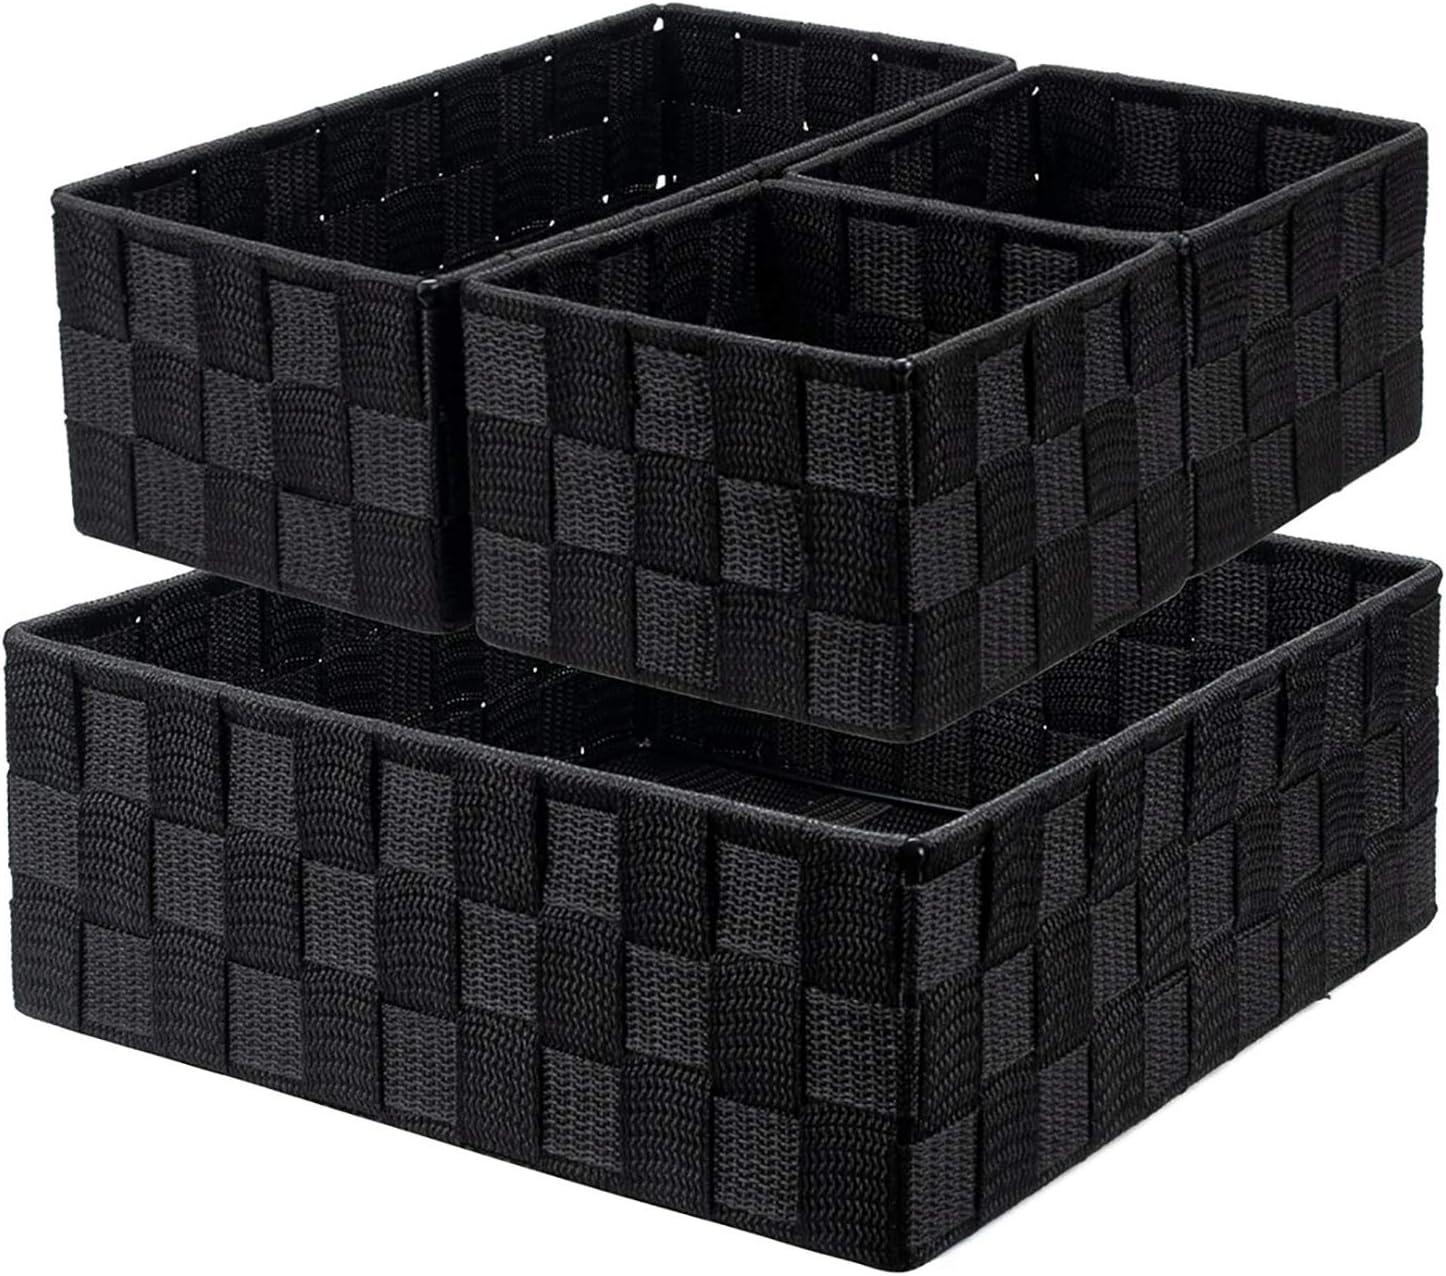 Nicunom 4 Pack Woven Storage Box Cube Basket Bin Container Box, Nylon Storage Basket for Closet, Dresser, Drawer, Shelf, Office Divider Organizer Bins, Black